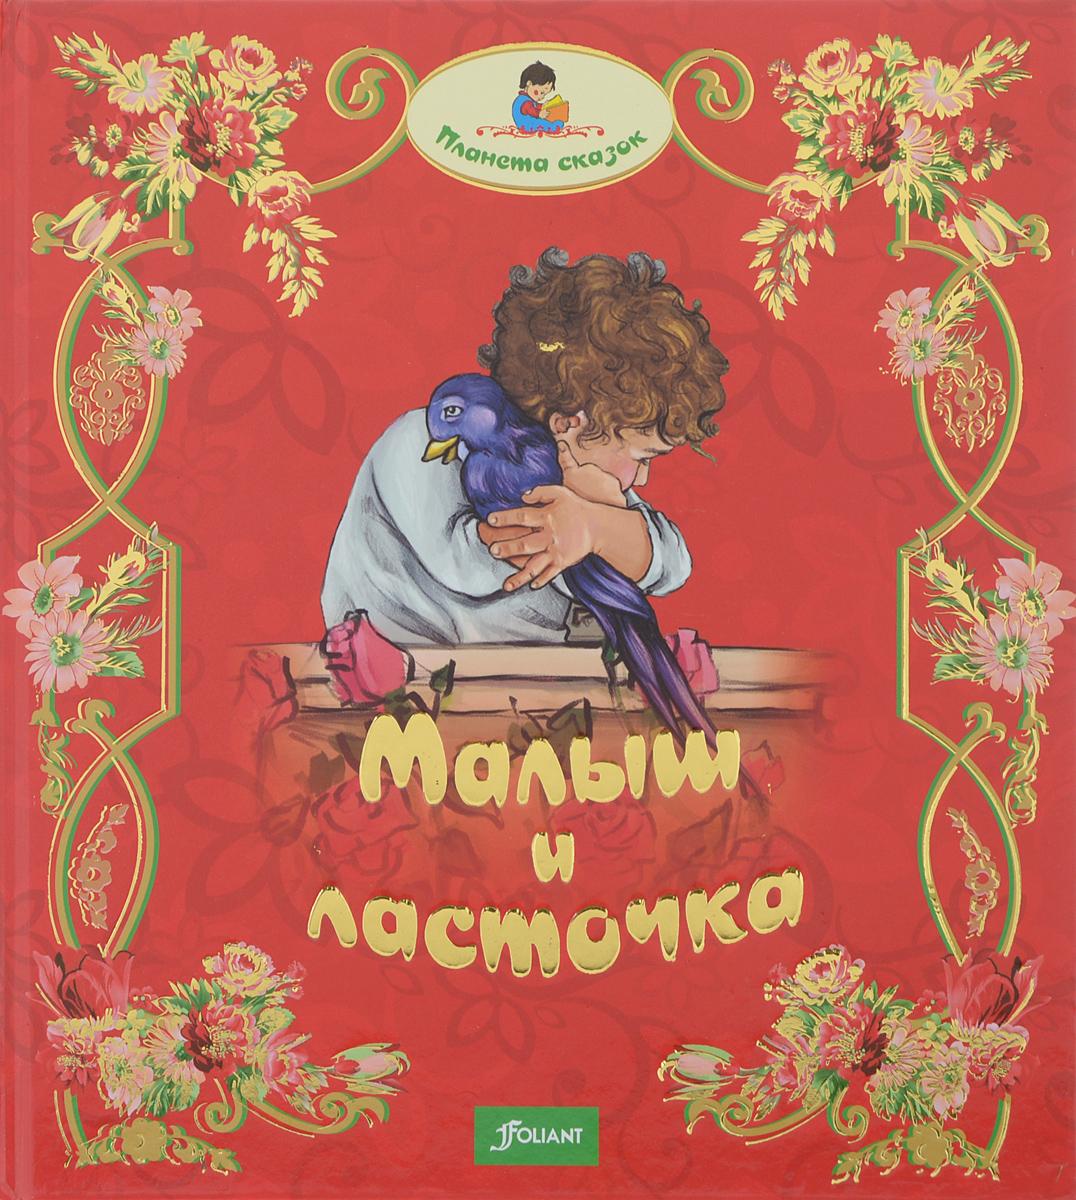 Малыш и ласточка12296407Адаптированные для детей дошкольного и младшего школьного возраста, казахские сказки о животных высмеивают такие качества, как глупость, жадность, гордыню, хвастовство, лицемерие, и учат ребят доброте, смелости, находчивости, сообразительности, взаимопомощи и дружбе. В настоящее издание вошли сказки Малыш и ласточка, Два козленка, Глупая Златорожка. Пересказ текстов Бану Даулетбаевой.